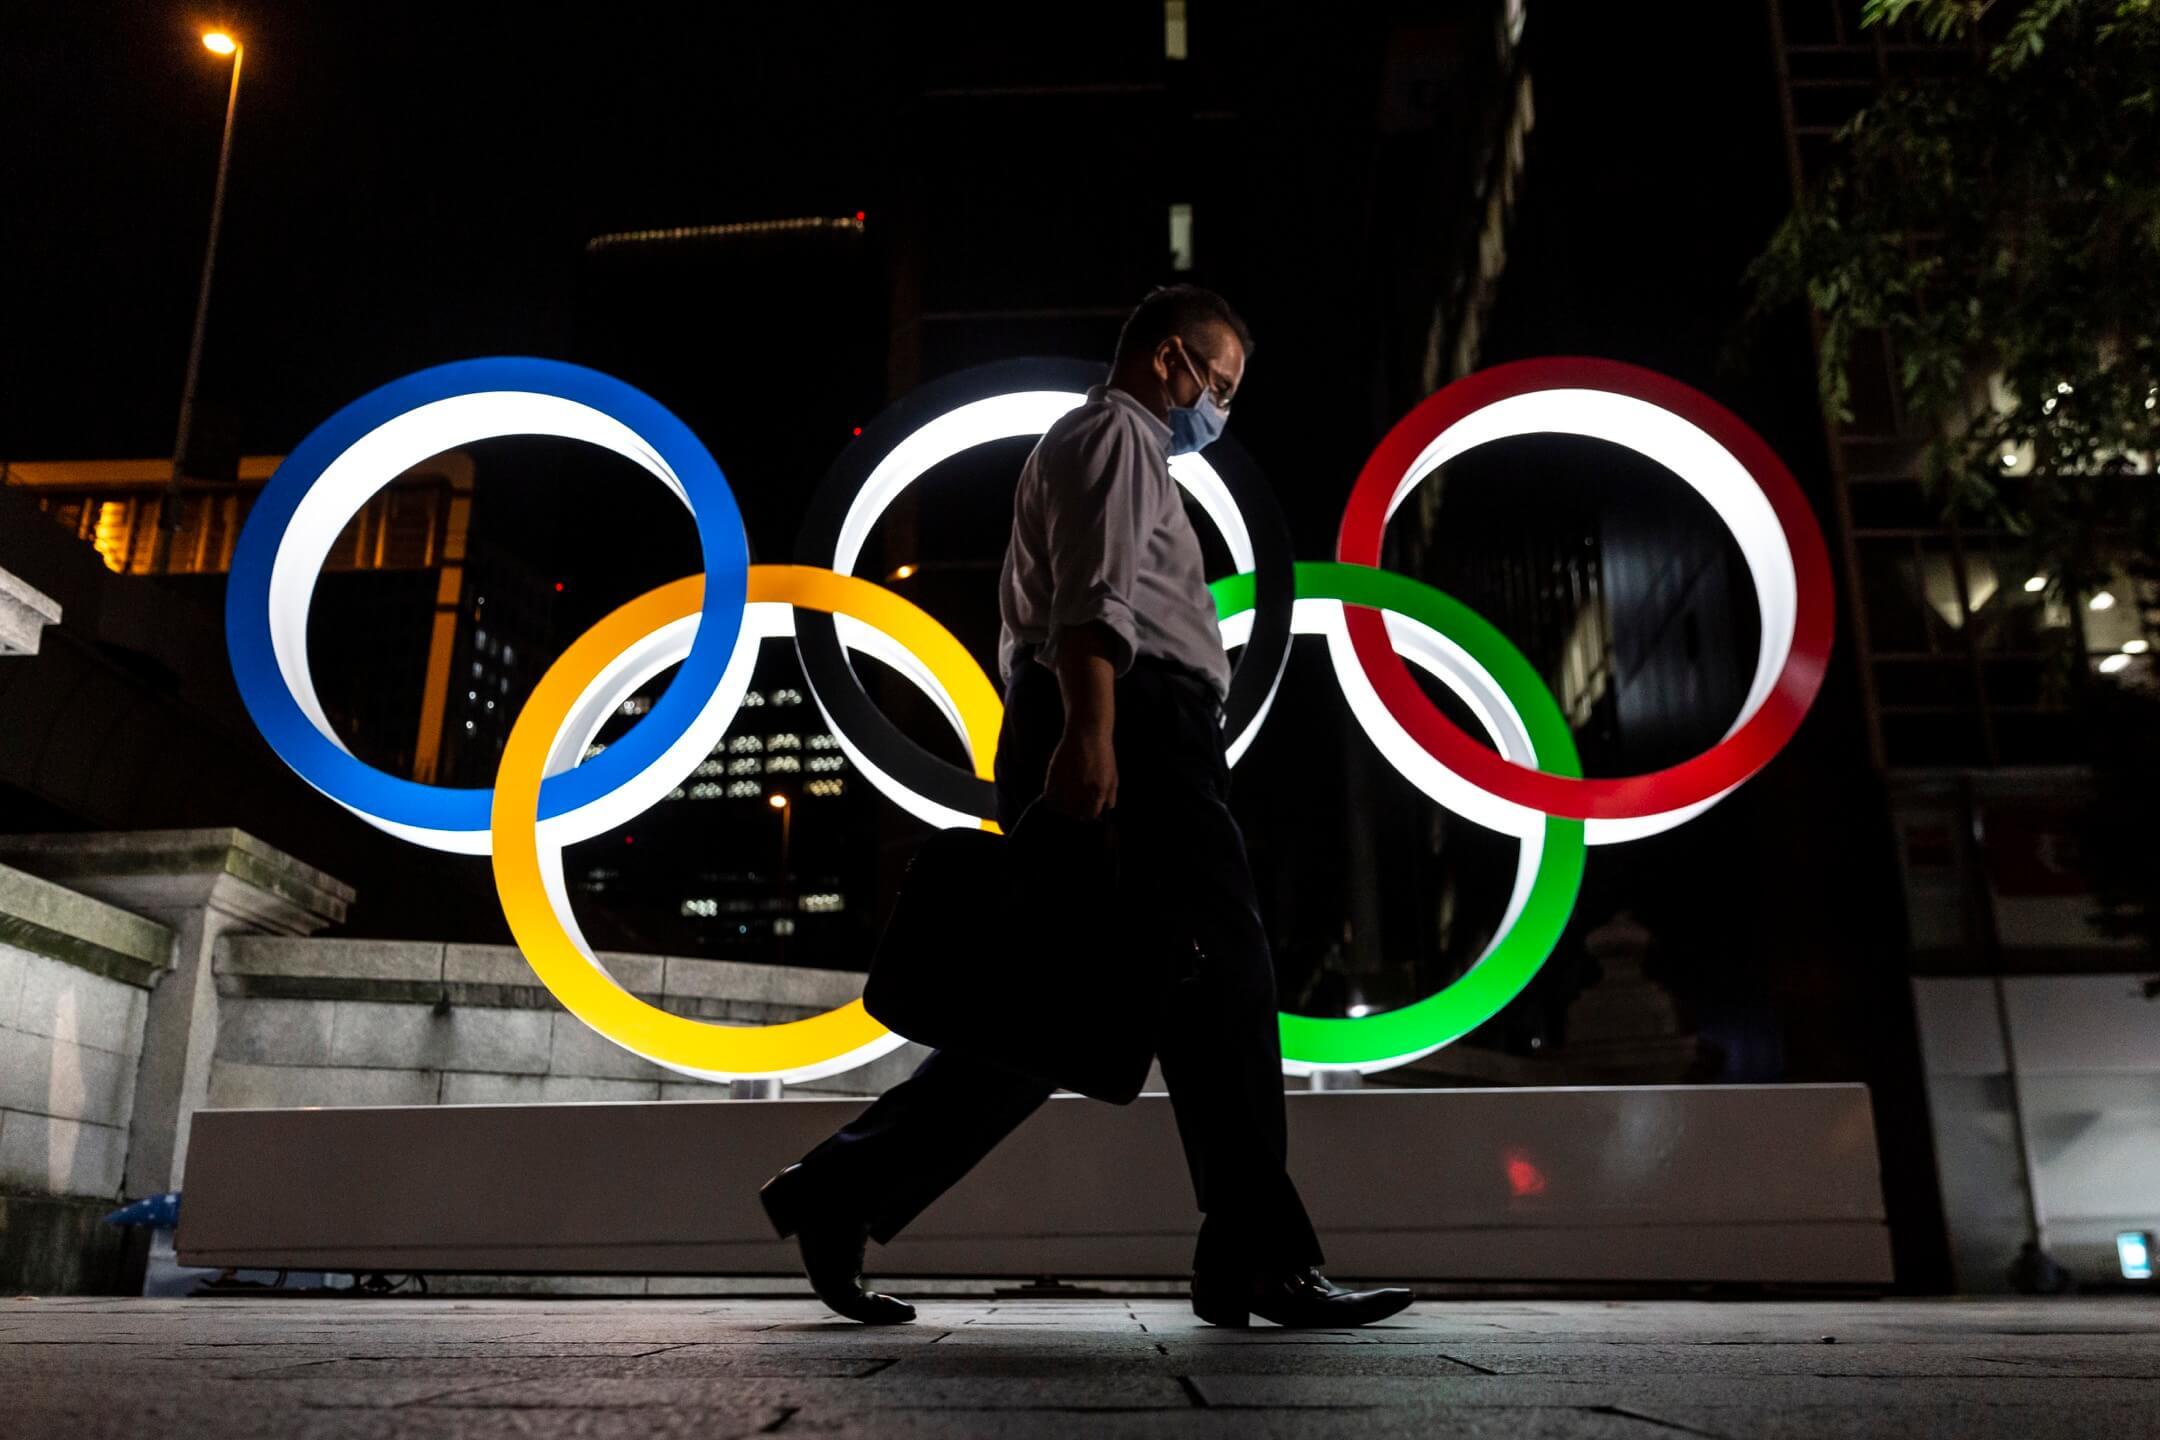 2021年7月20日,日本東京,一名戴著口罩的男子在市內一個奧運標誌前走過。 攝:Yuichi Yamazaki/Getty Images